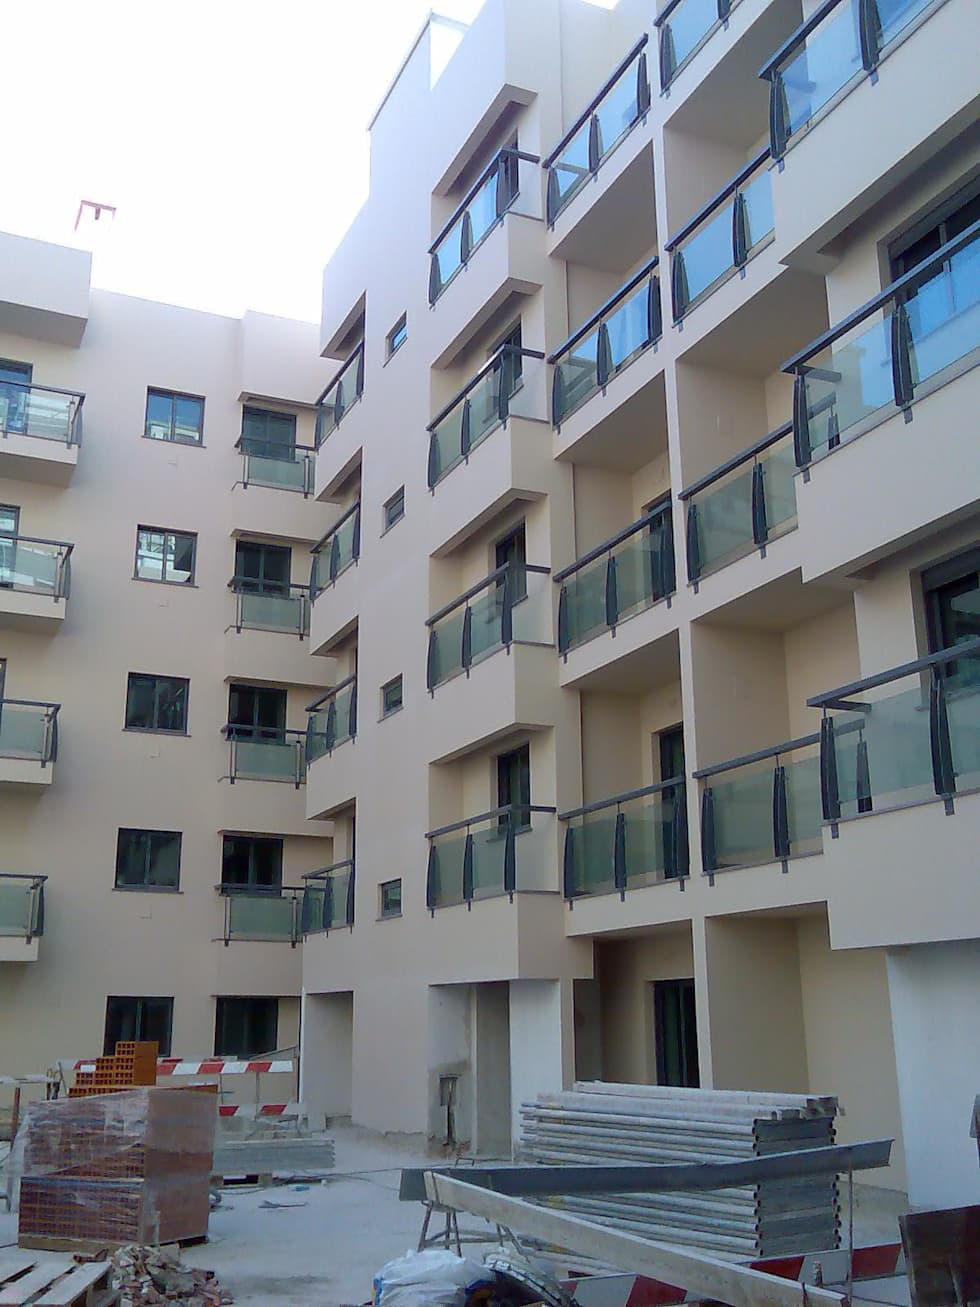 Prédio Habitacional: Casas clássicas por Autovidreira